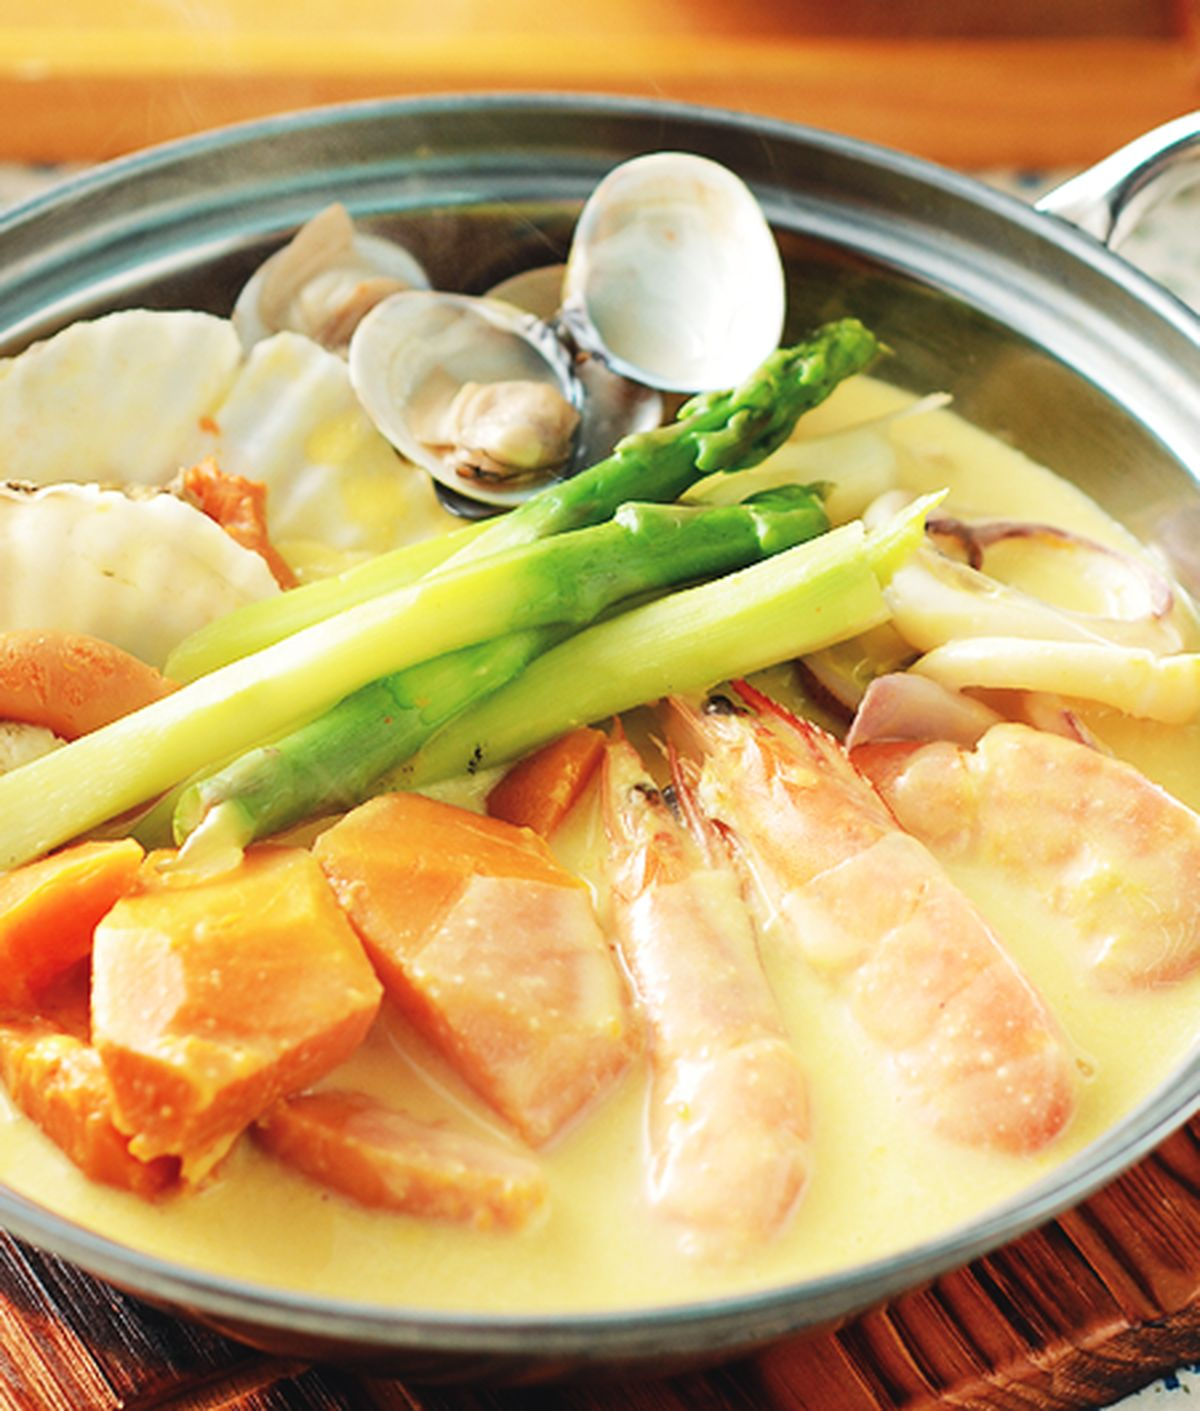 食譜:海鮮牛奶南瓜鍋